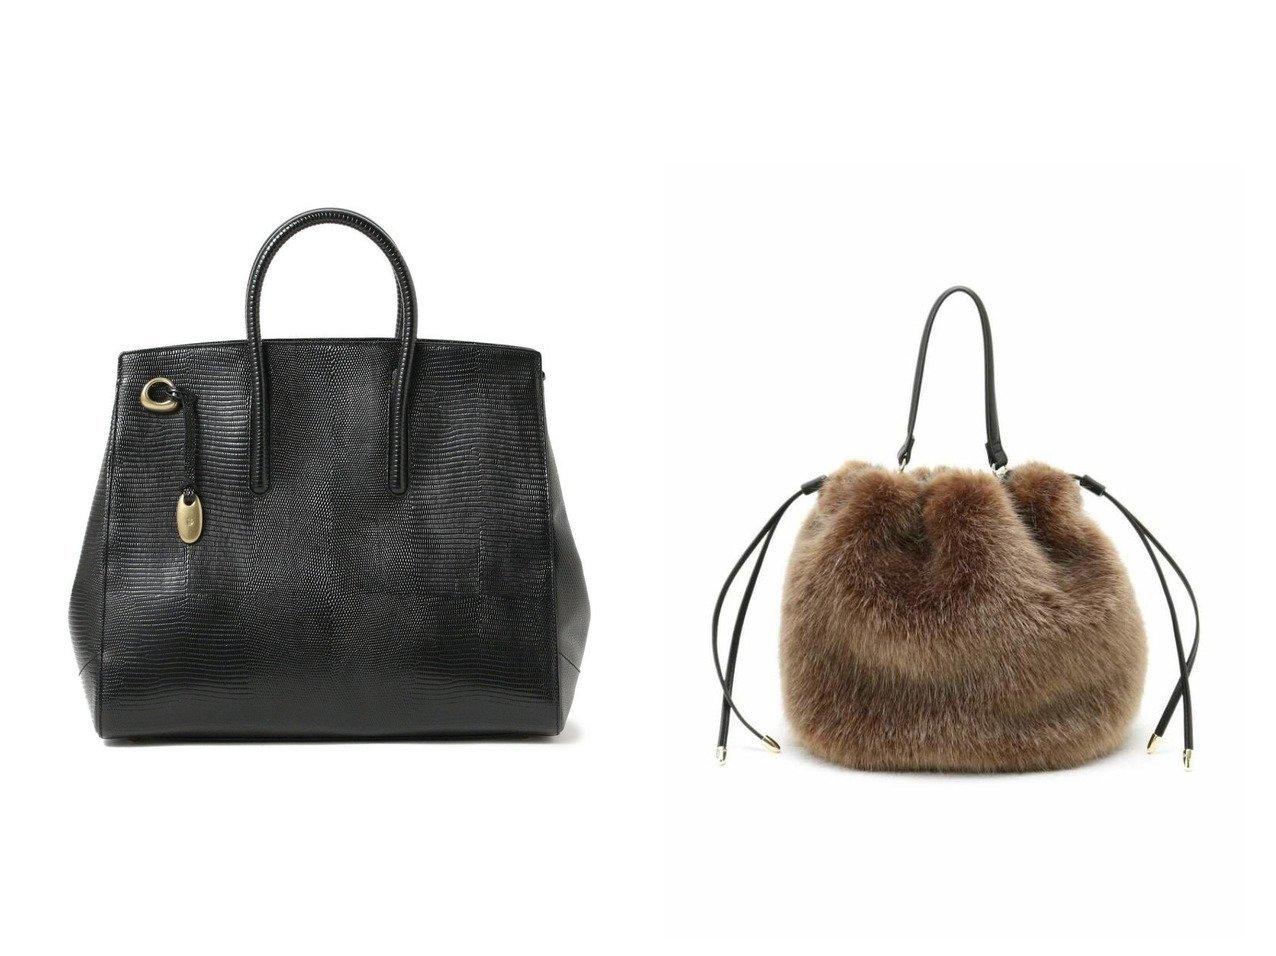 【UNTITLED/アンタイトル】のミニファー巾着バッグ&【Demi-Luxe BEAMS/デミルクス ビームス】のジョリーリザード トートバッグ L バッグ・鞄のおすすめ!人気、トレンド・レディースファッションの通販 おすすめで人気の流行・トレンド、ファッションの通販商品 メンズファッション・キッズファッション・インテリア・家具・レディースファッション・服の通販 founy(ファニー) https://founy.com/ ファッション Fashion レディースファッション WOMEN バッグ Bag ハンドバッグ フェイクファー フォルム 巾着 ショルダー シンプル 人気 |ID:crp329100000013697